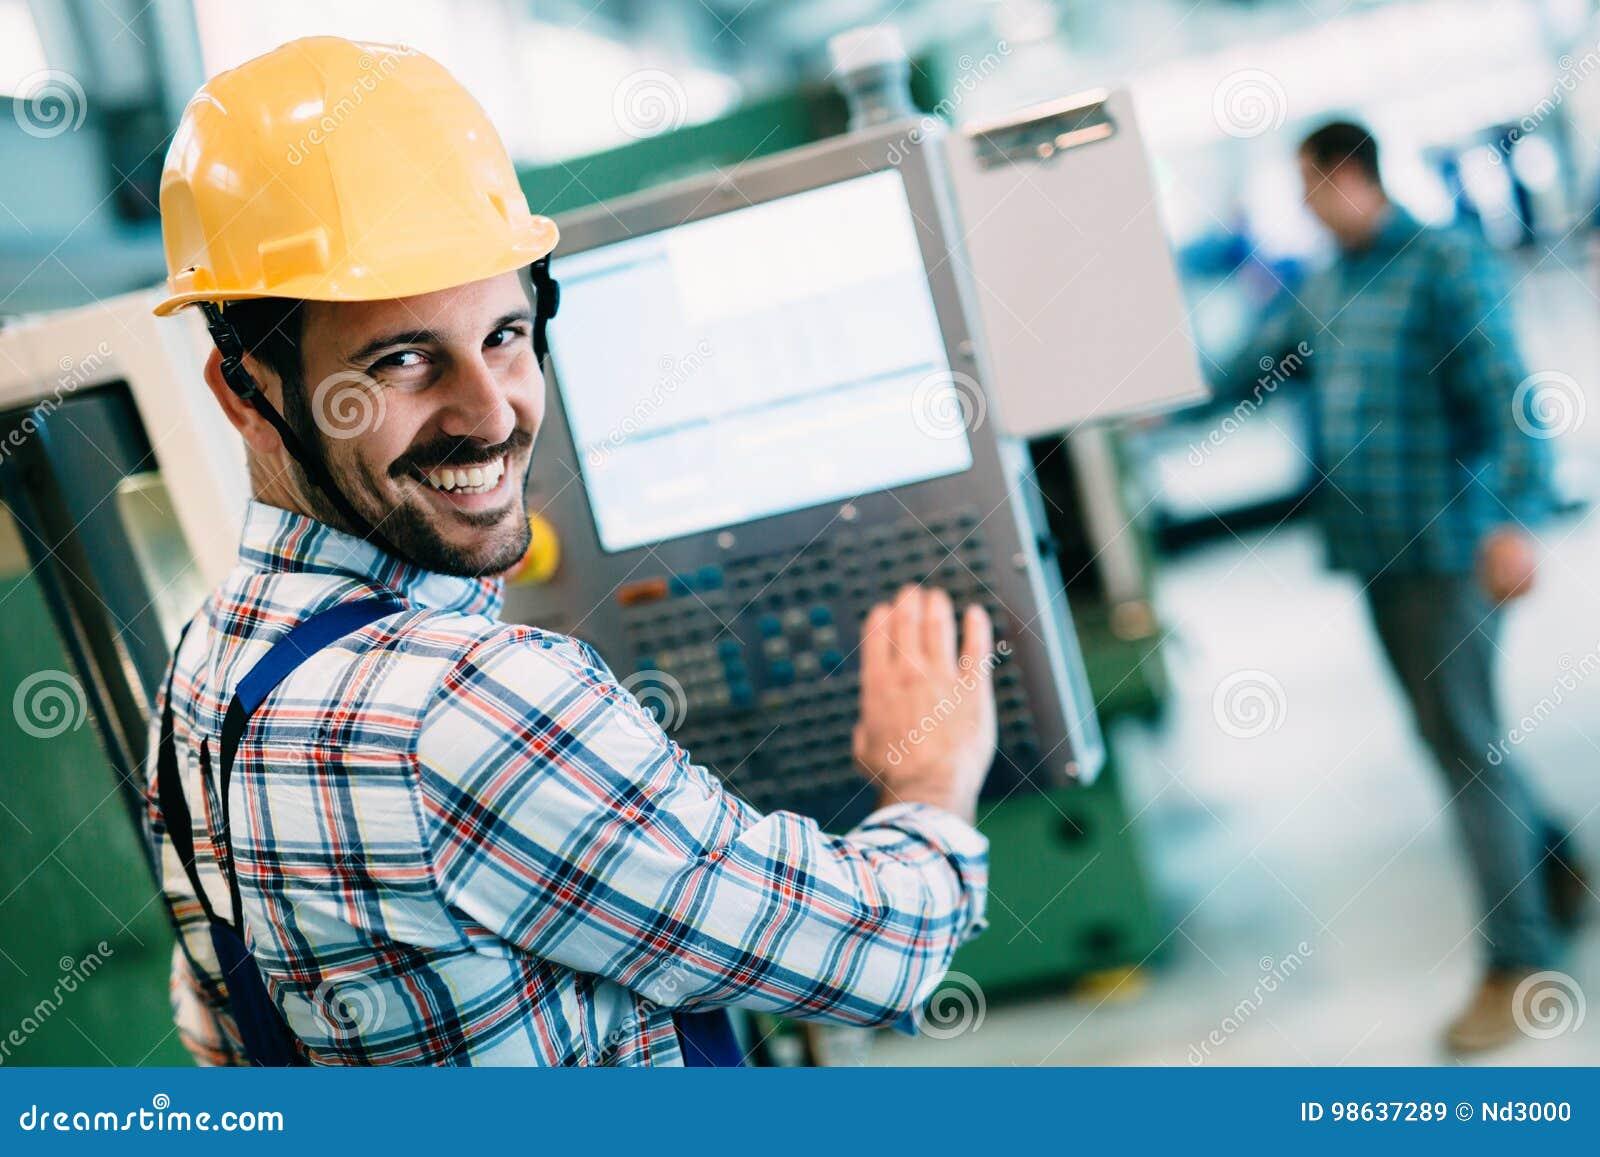 Przemysłowy fabryczny pracownik pracuje w metalu przemysle wytwórczym